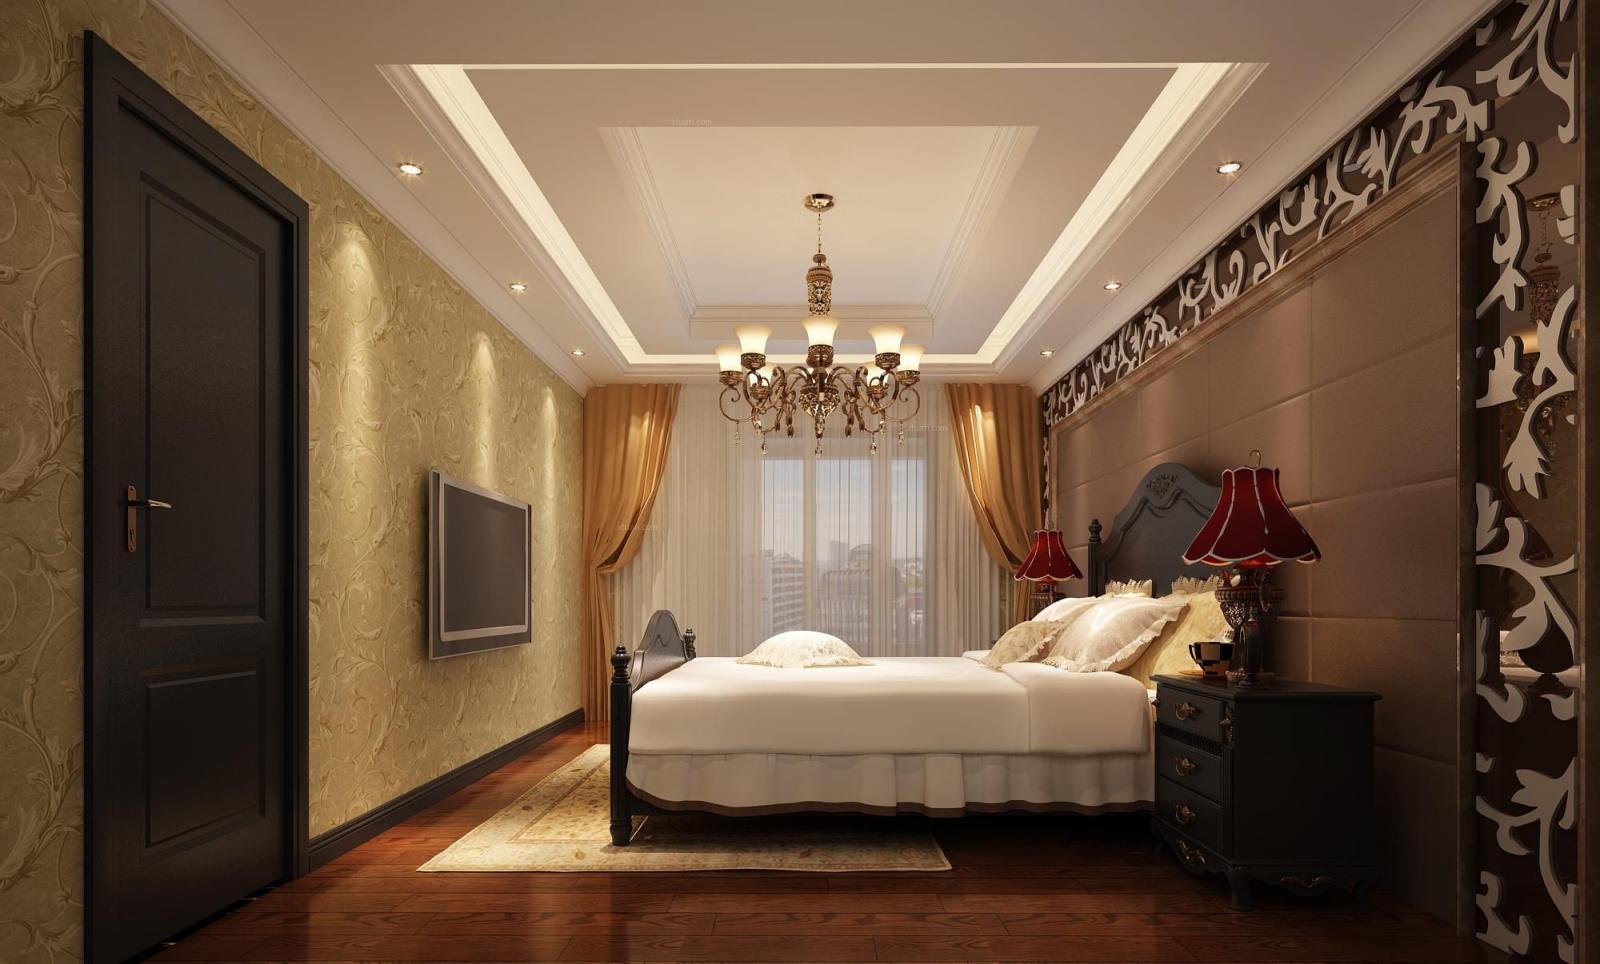 联排别墅美式风格卧室卧室背景墙